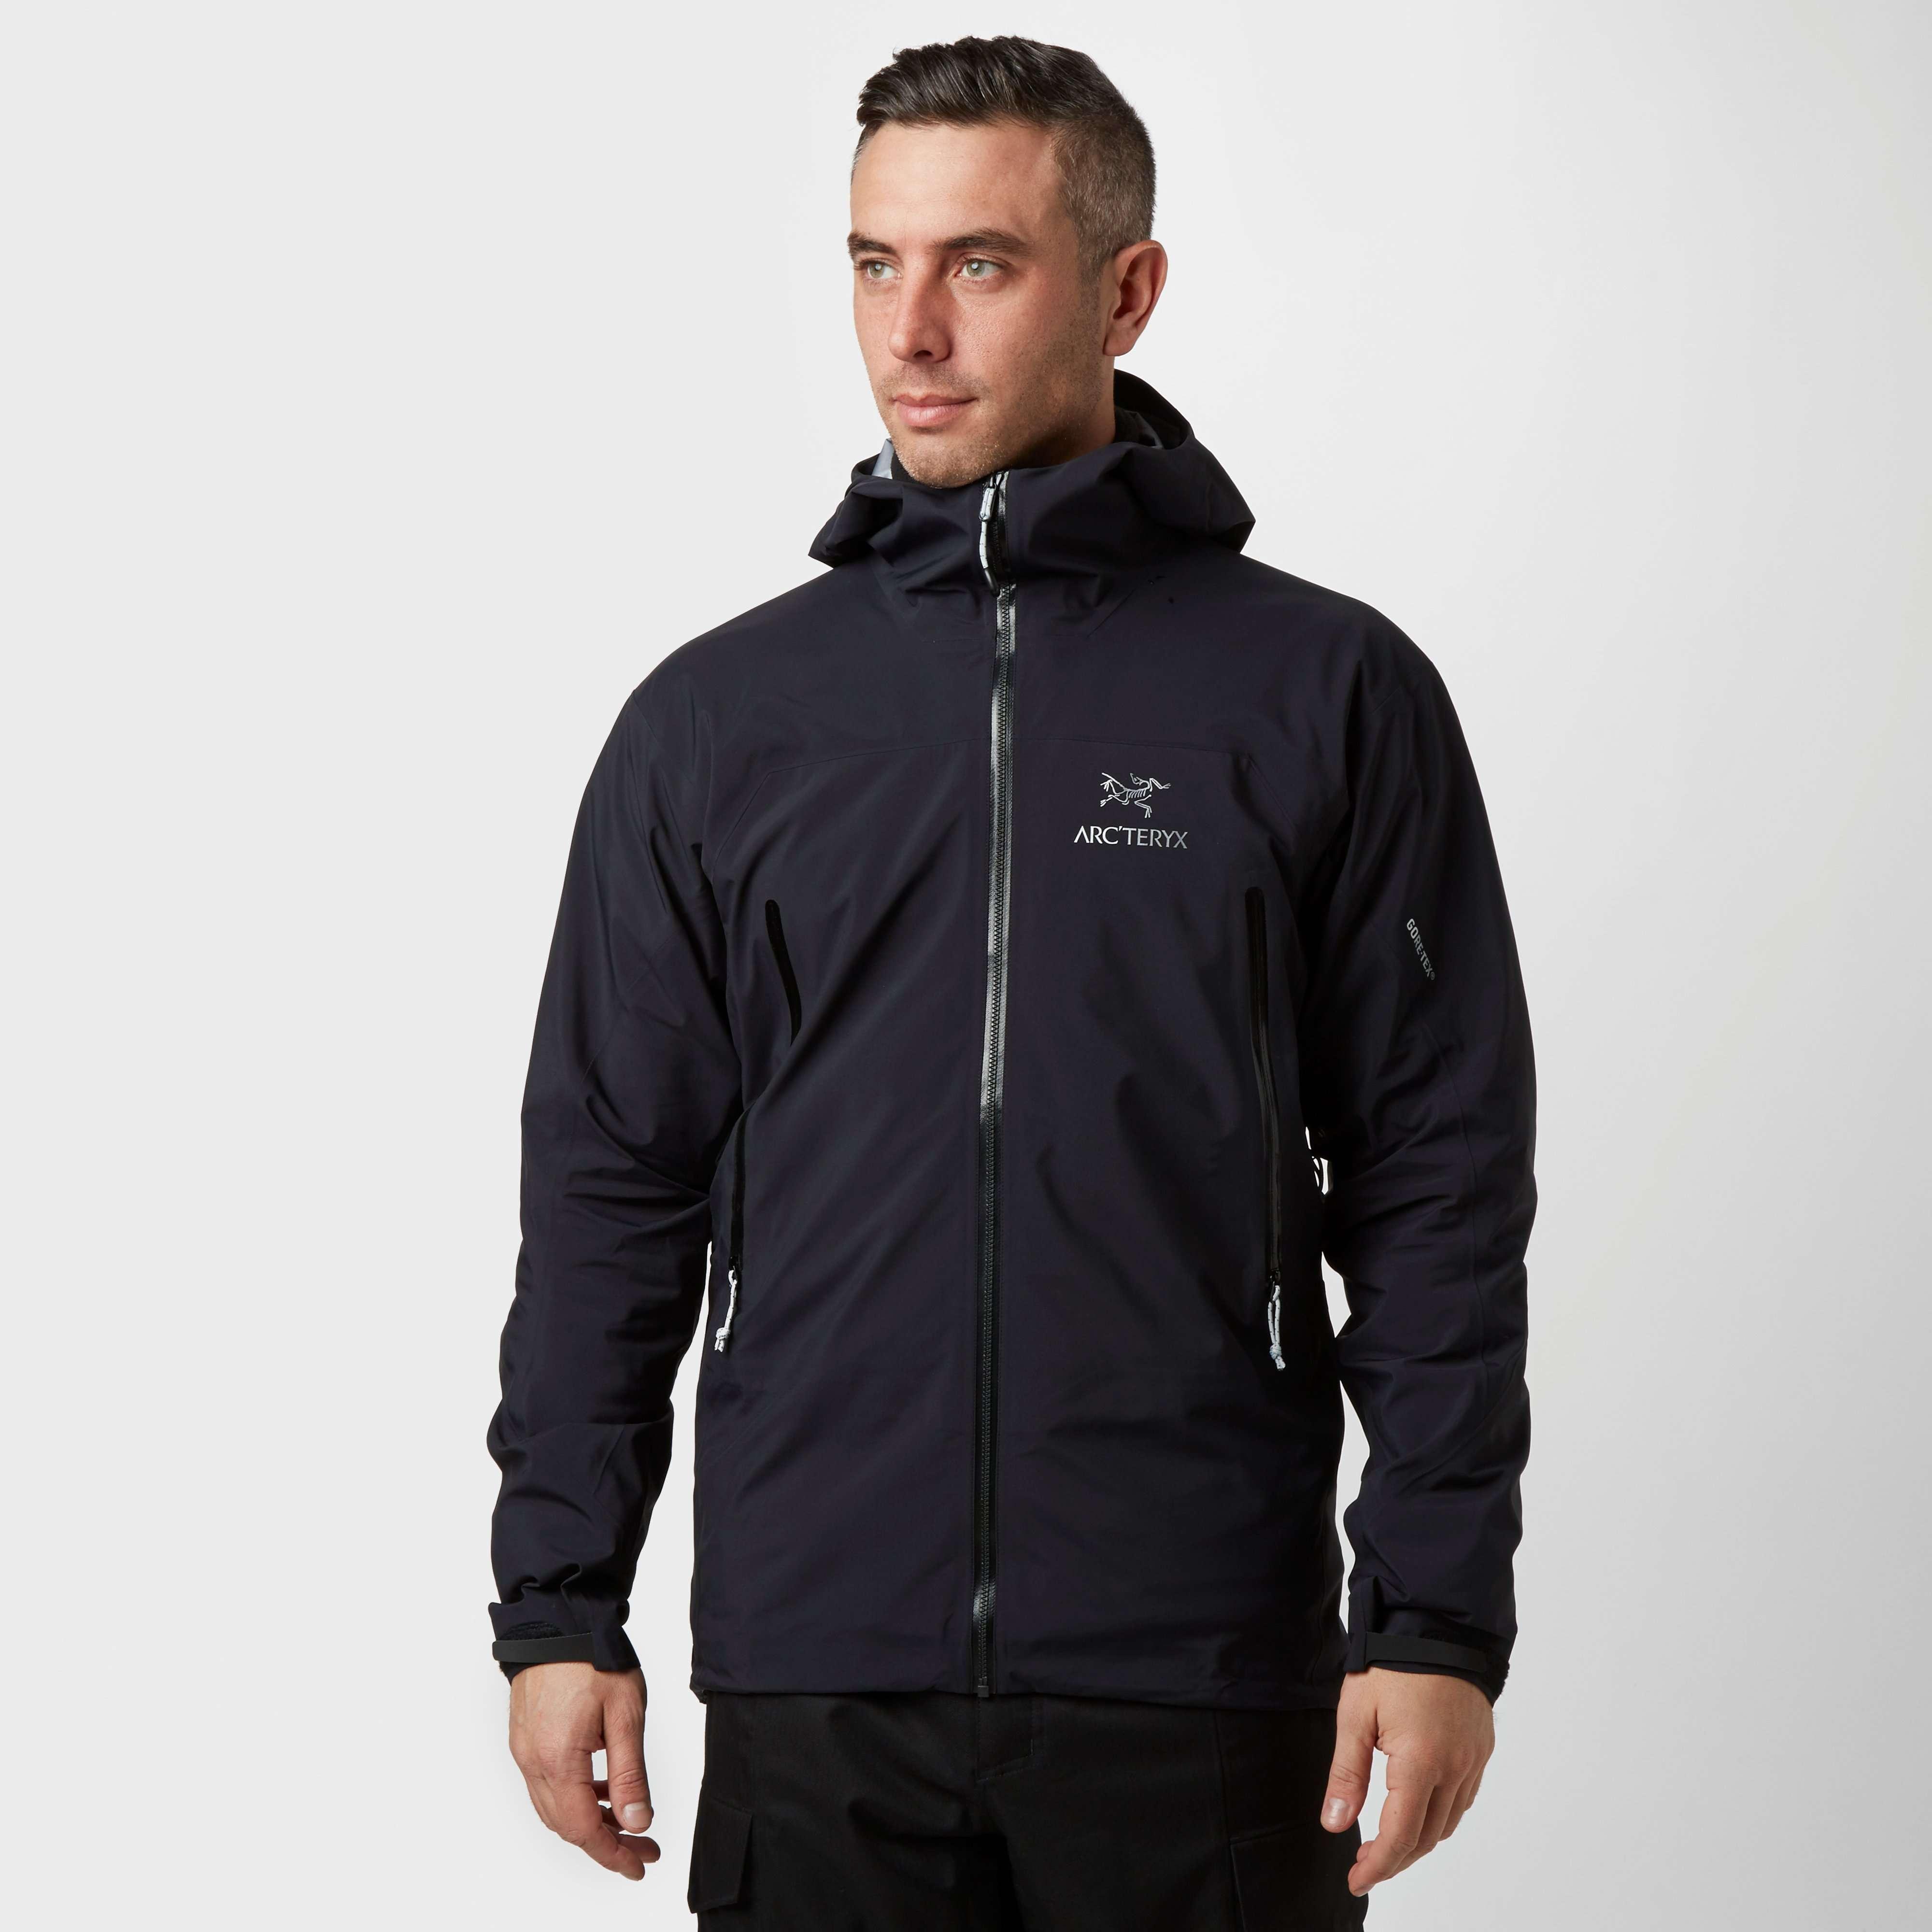 ARC'TERYX Men's Zeta AR GORE-TEX® Jacket